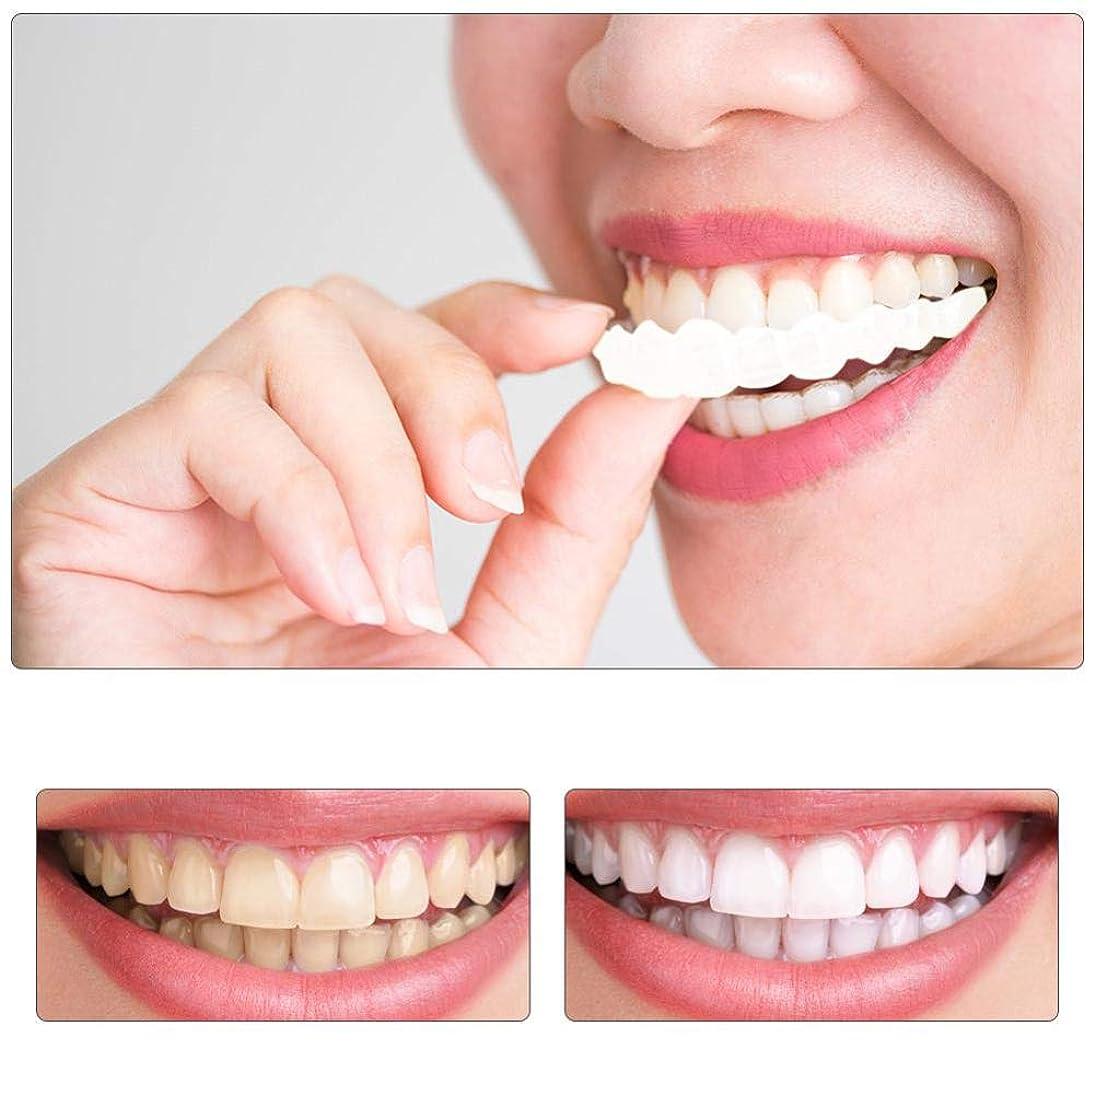 チャネルデモンストレーション希少性2組の一時的な化粧品の歯入れ歯の歯の化粧品のシミュレーションのブレースの上部のブレース+下部のブレース、瞬時に快適な柔らかい完璧なベニヤ